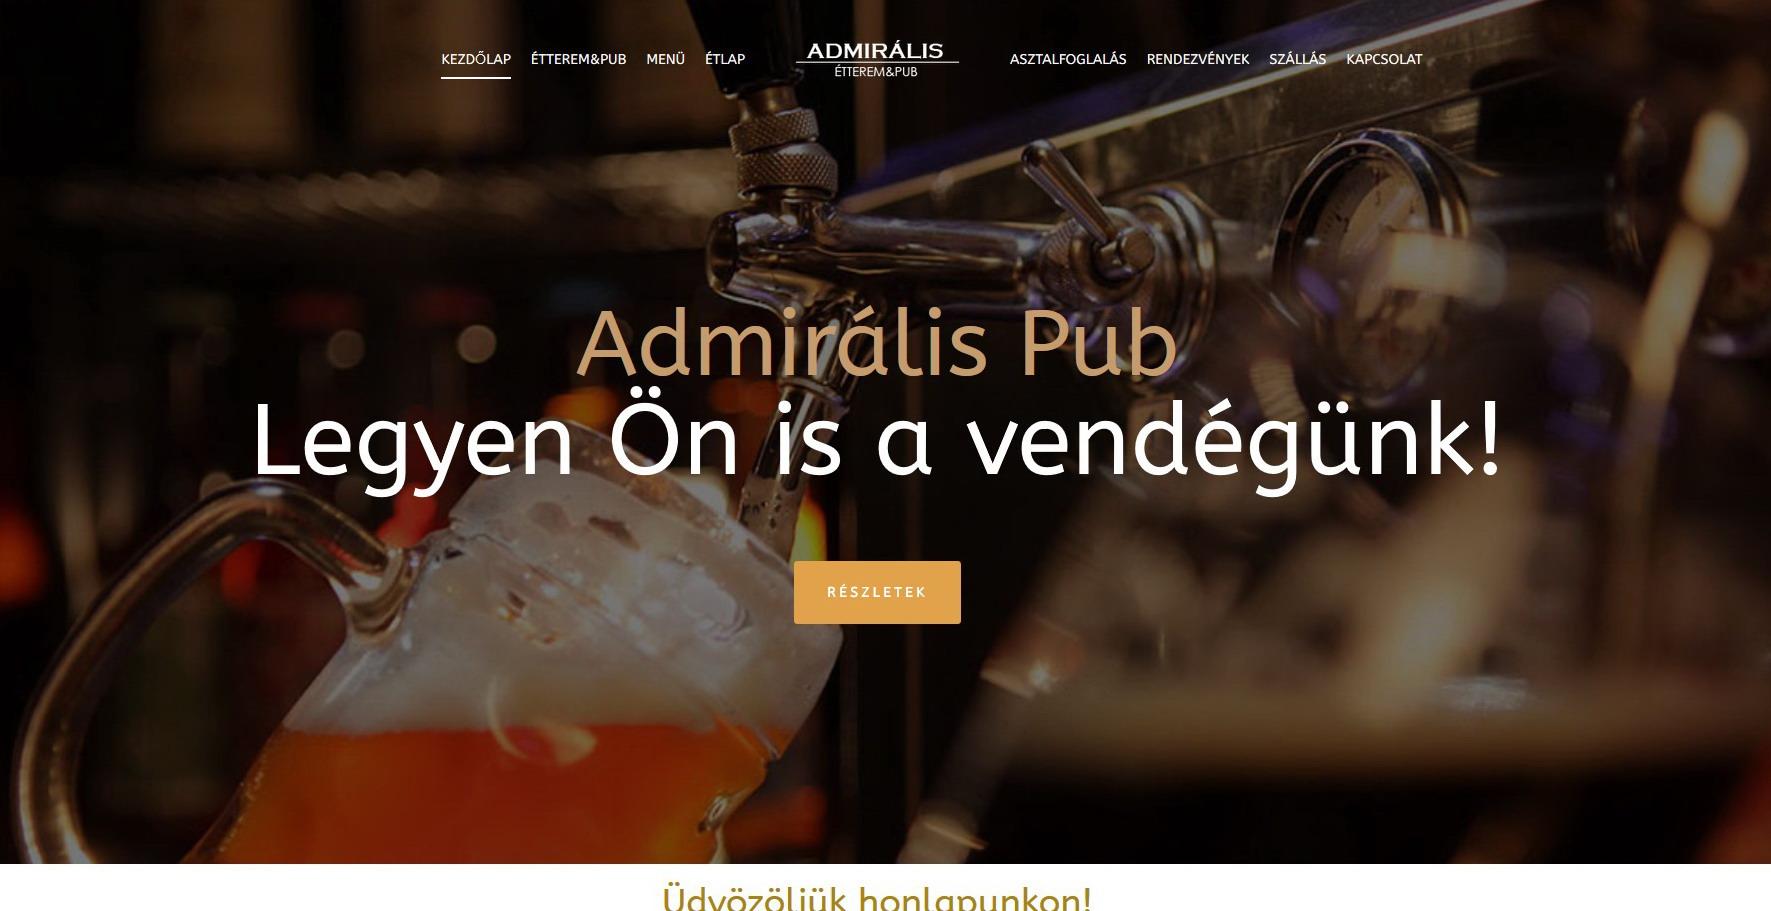 Admirális Étterem – Hajdúszoboszló